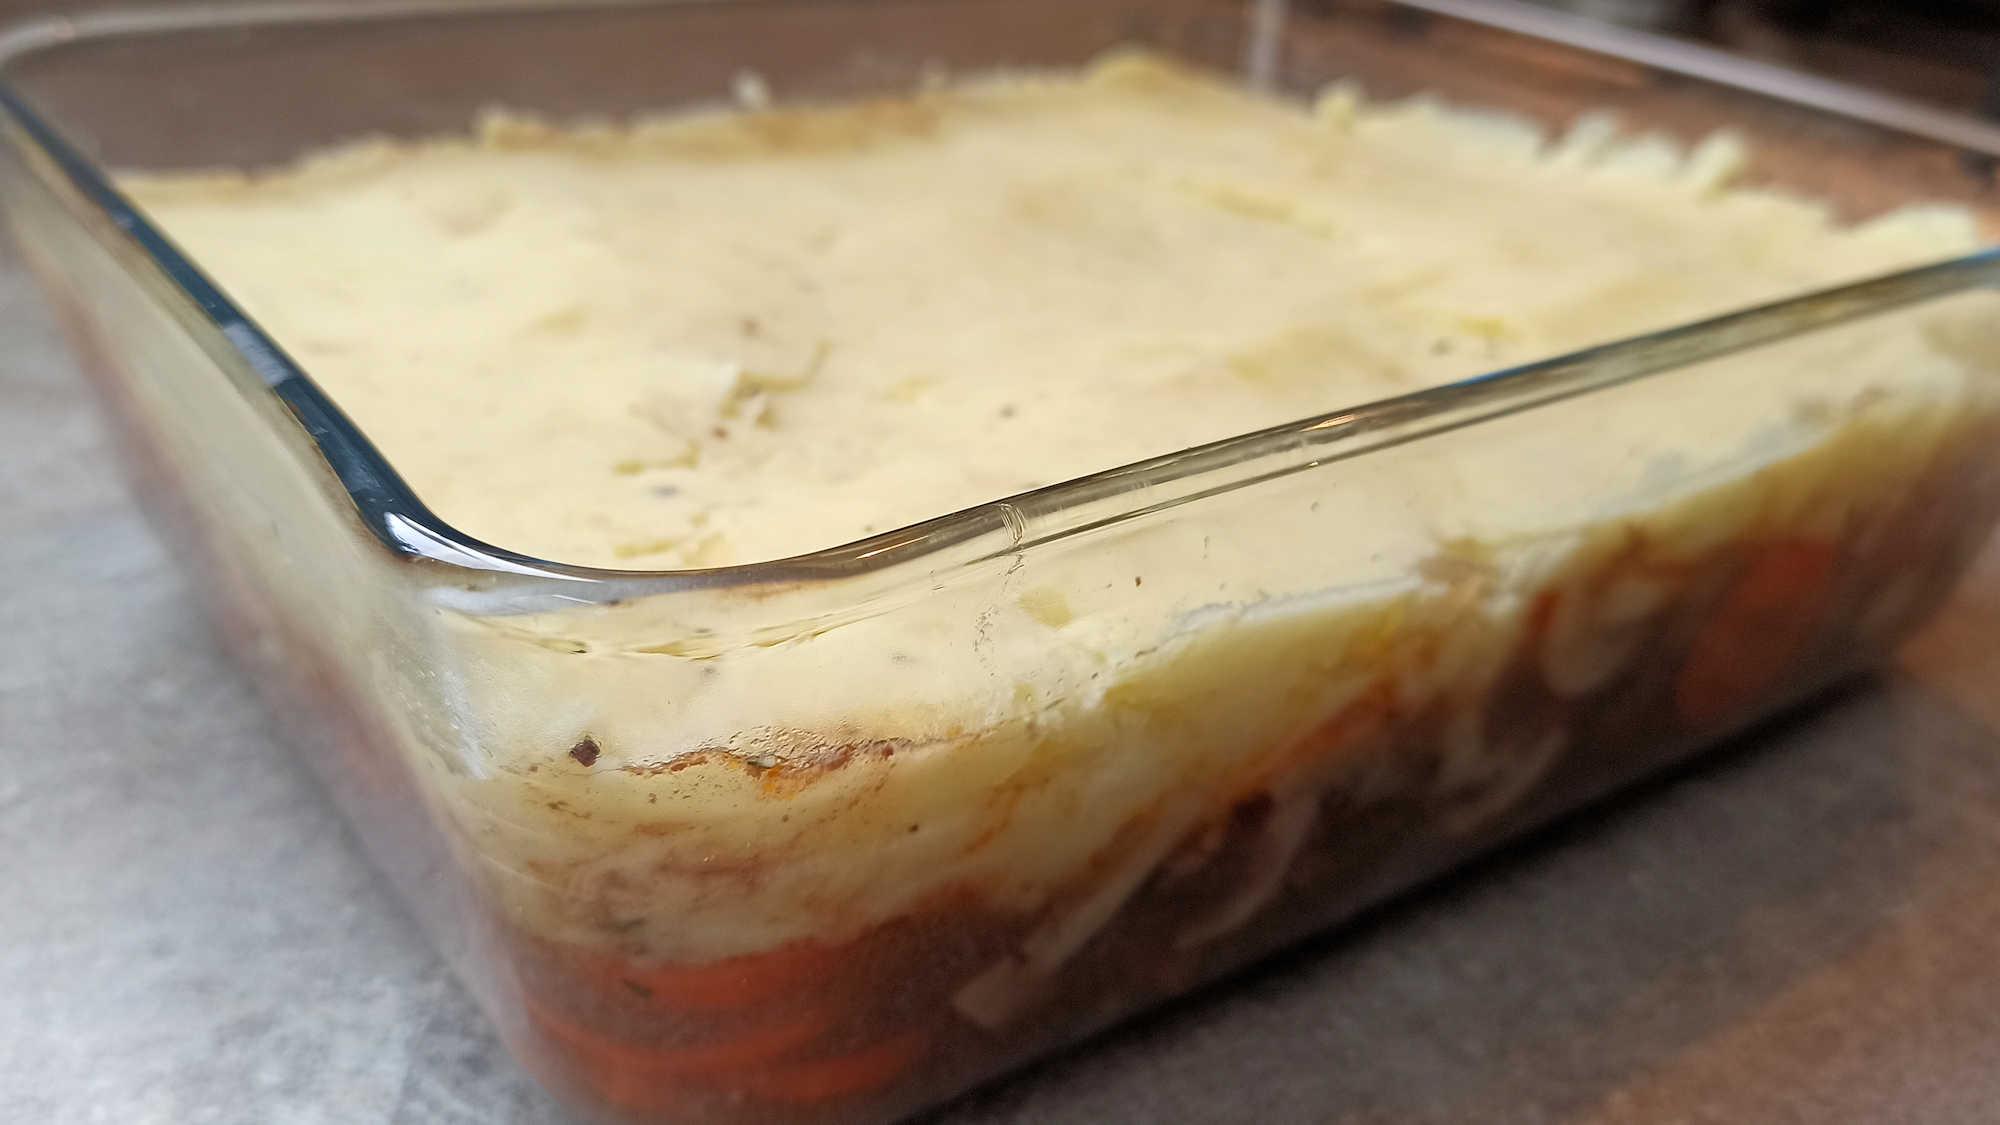 Montage du cottage pie au bœuf Ajouter la purée dans le plat à gratin